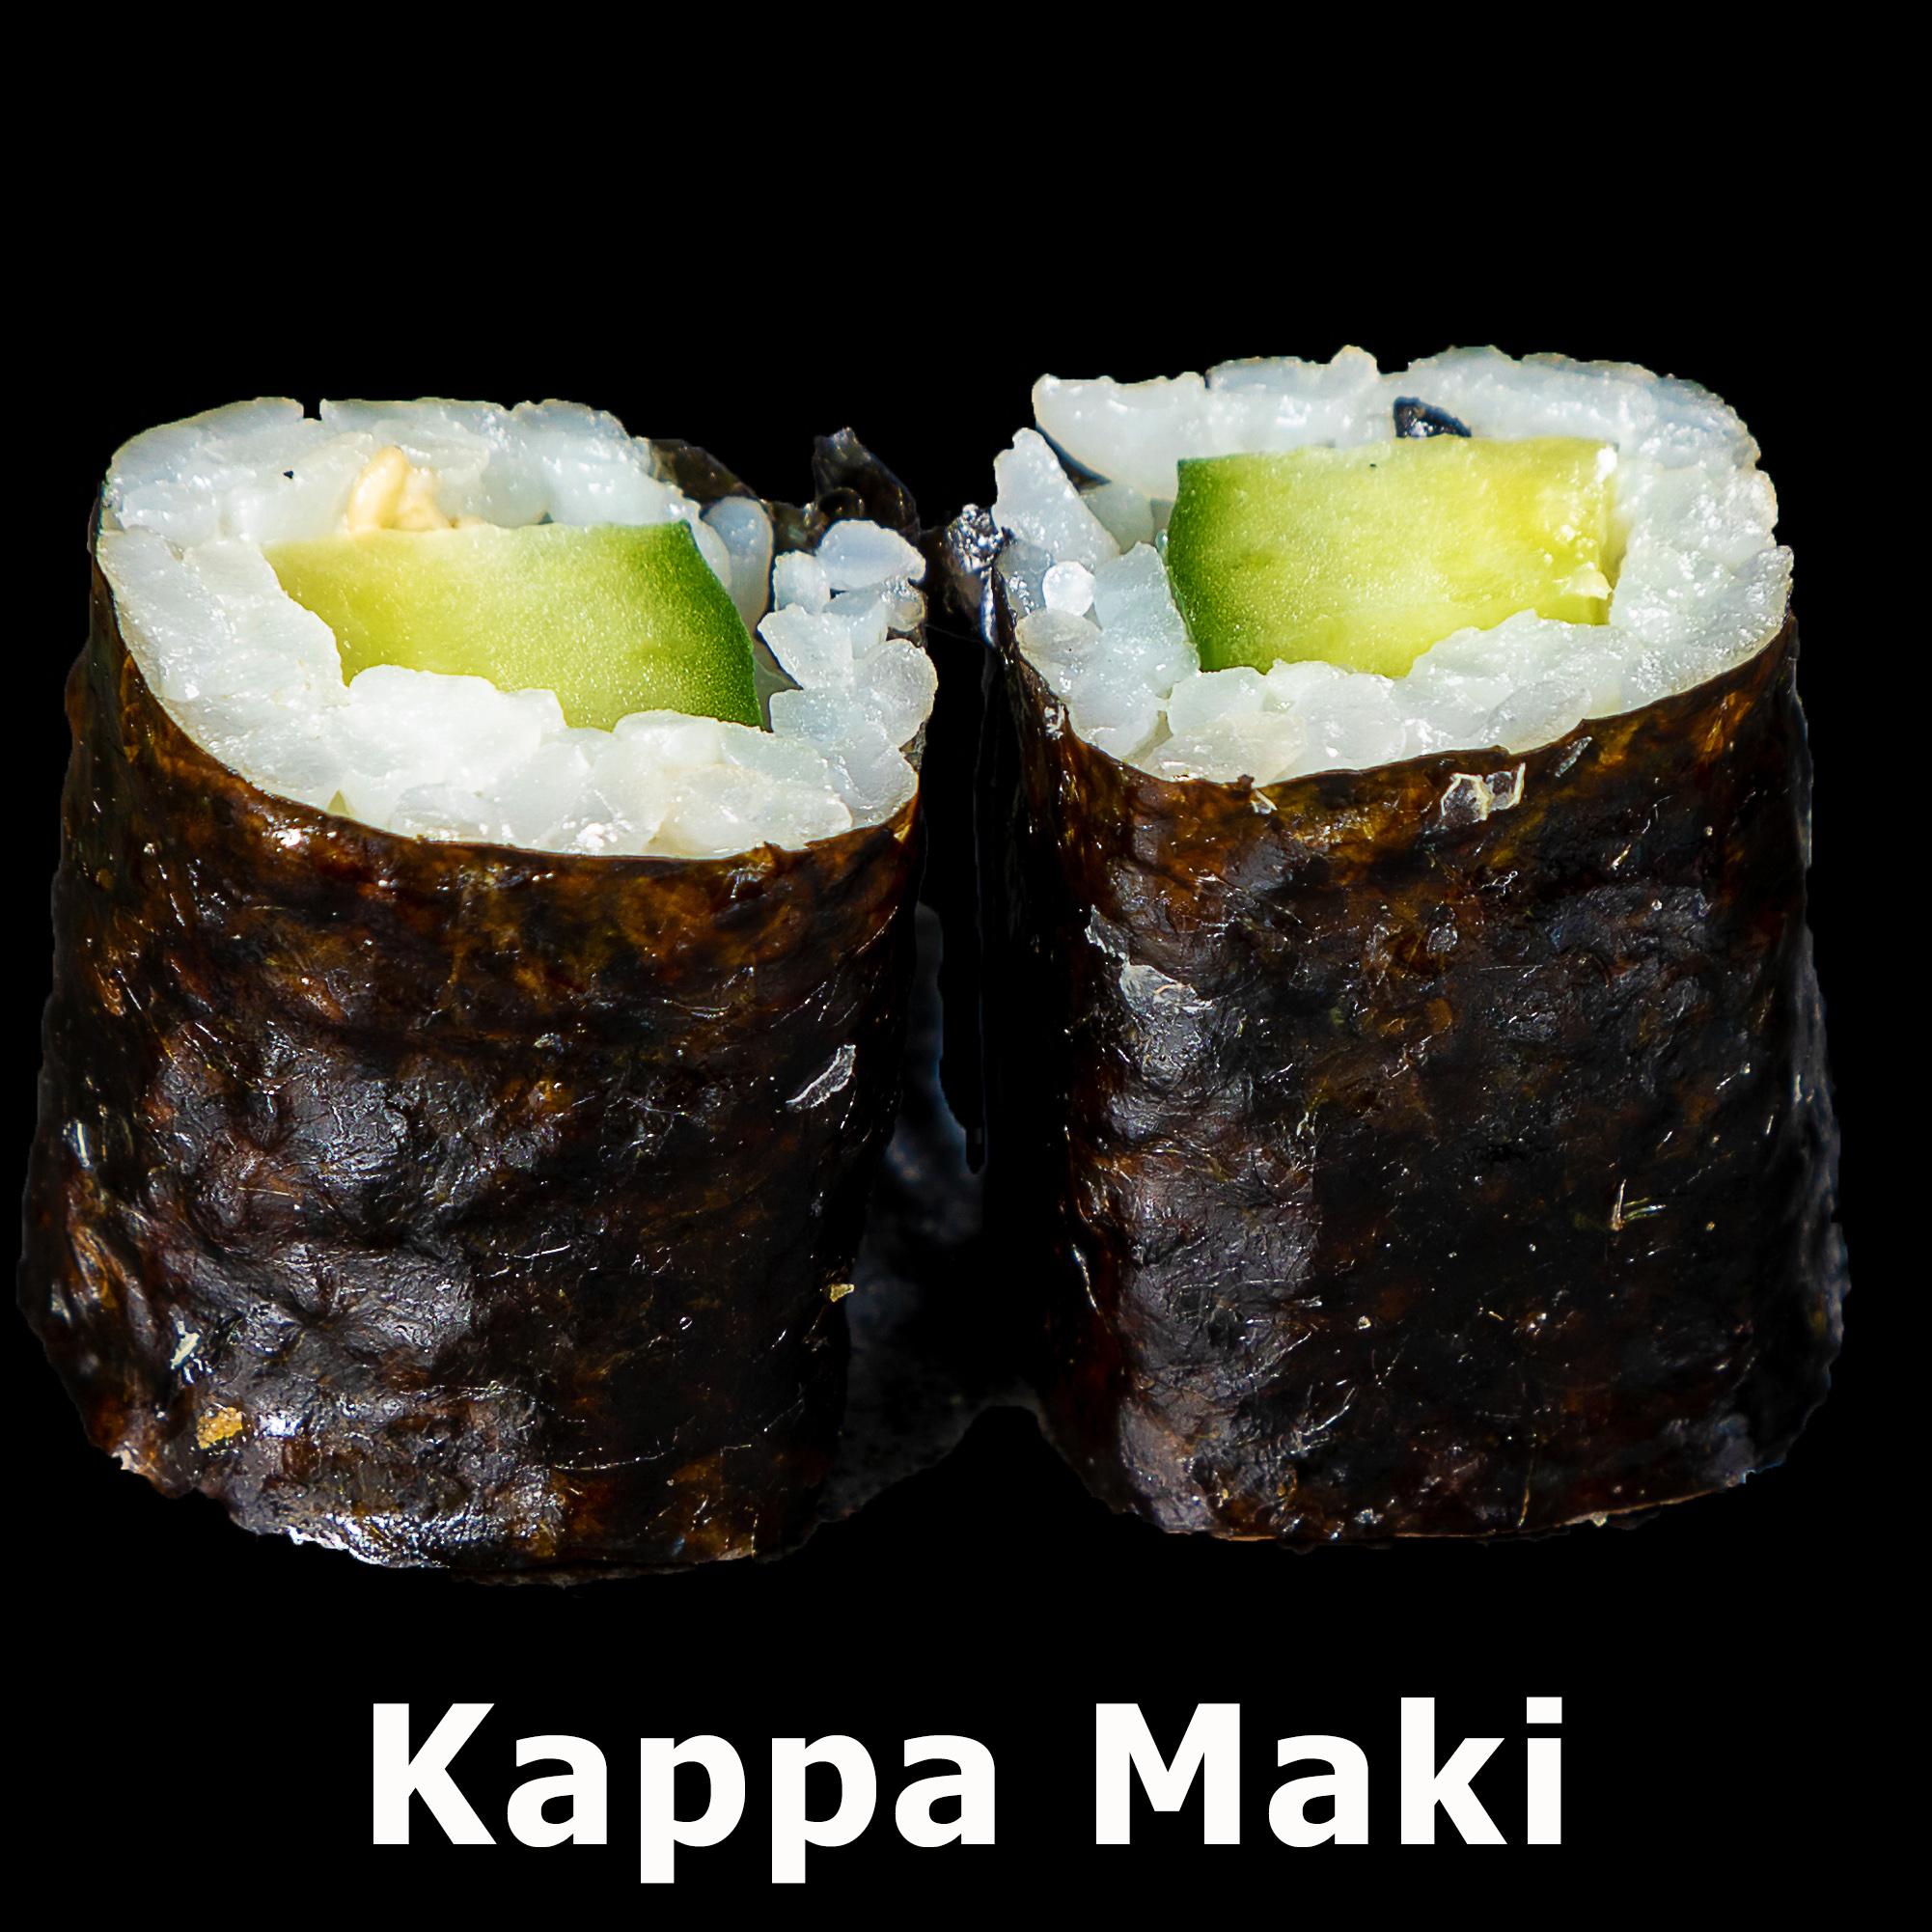 20. Kappa Maki